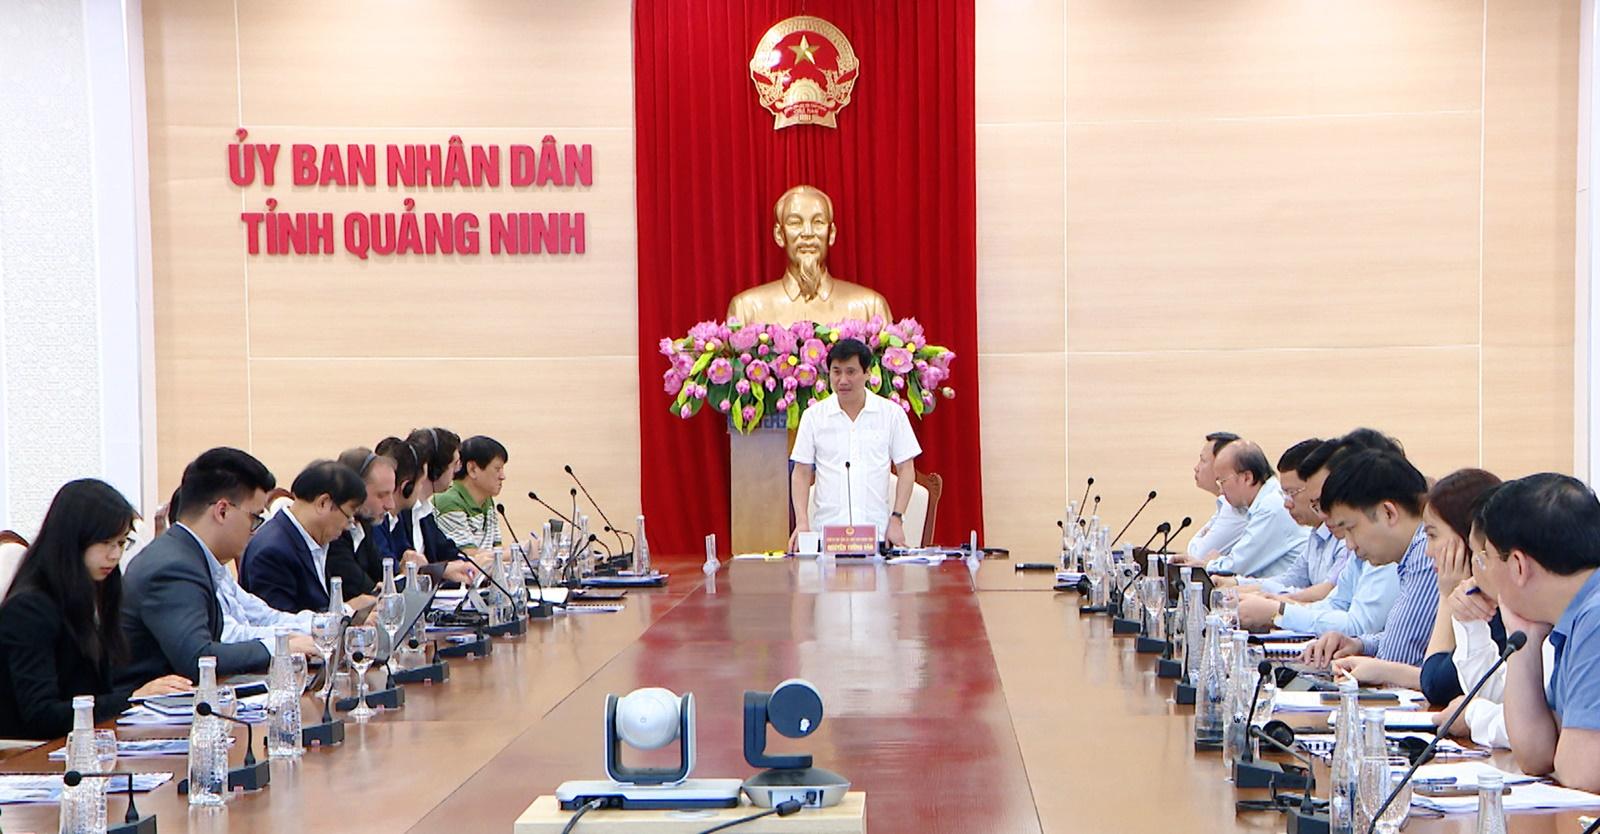 Ông Nguyễn Tường Văn, Chủ tịch UBND tỉnh Quảng Ninh phát biểu tại buổi làm việc.